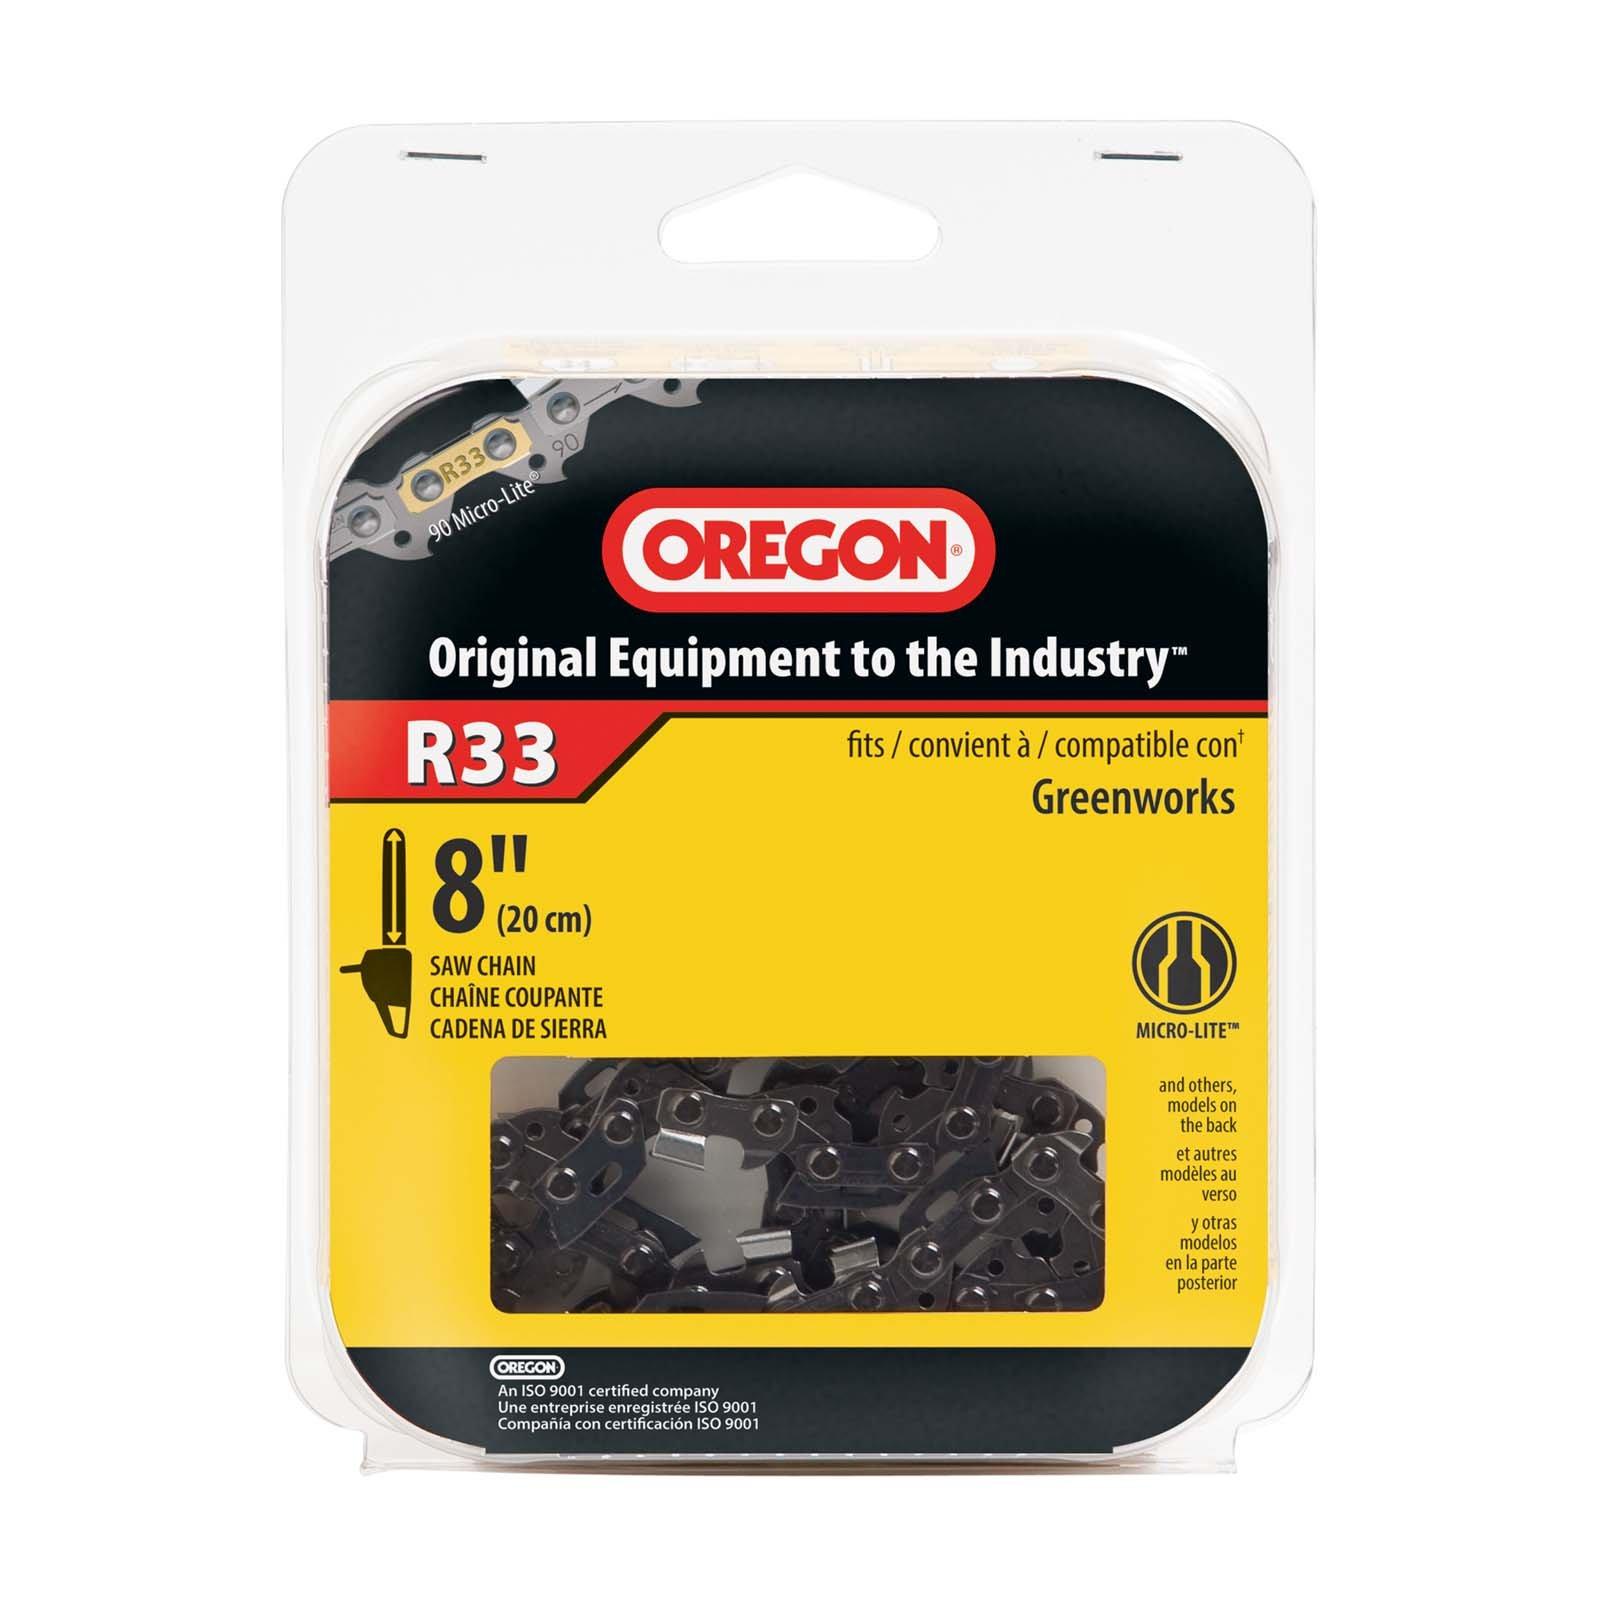 Oregon R33 AdvanceCut 8-Inch Chainsaw Chain, Fits Poulan, Ryobi by Oregon